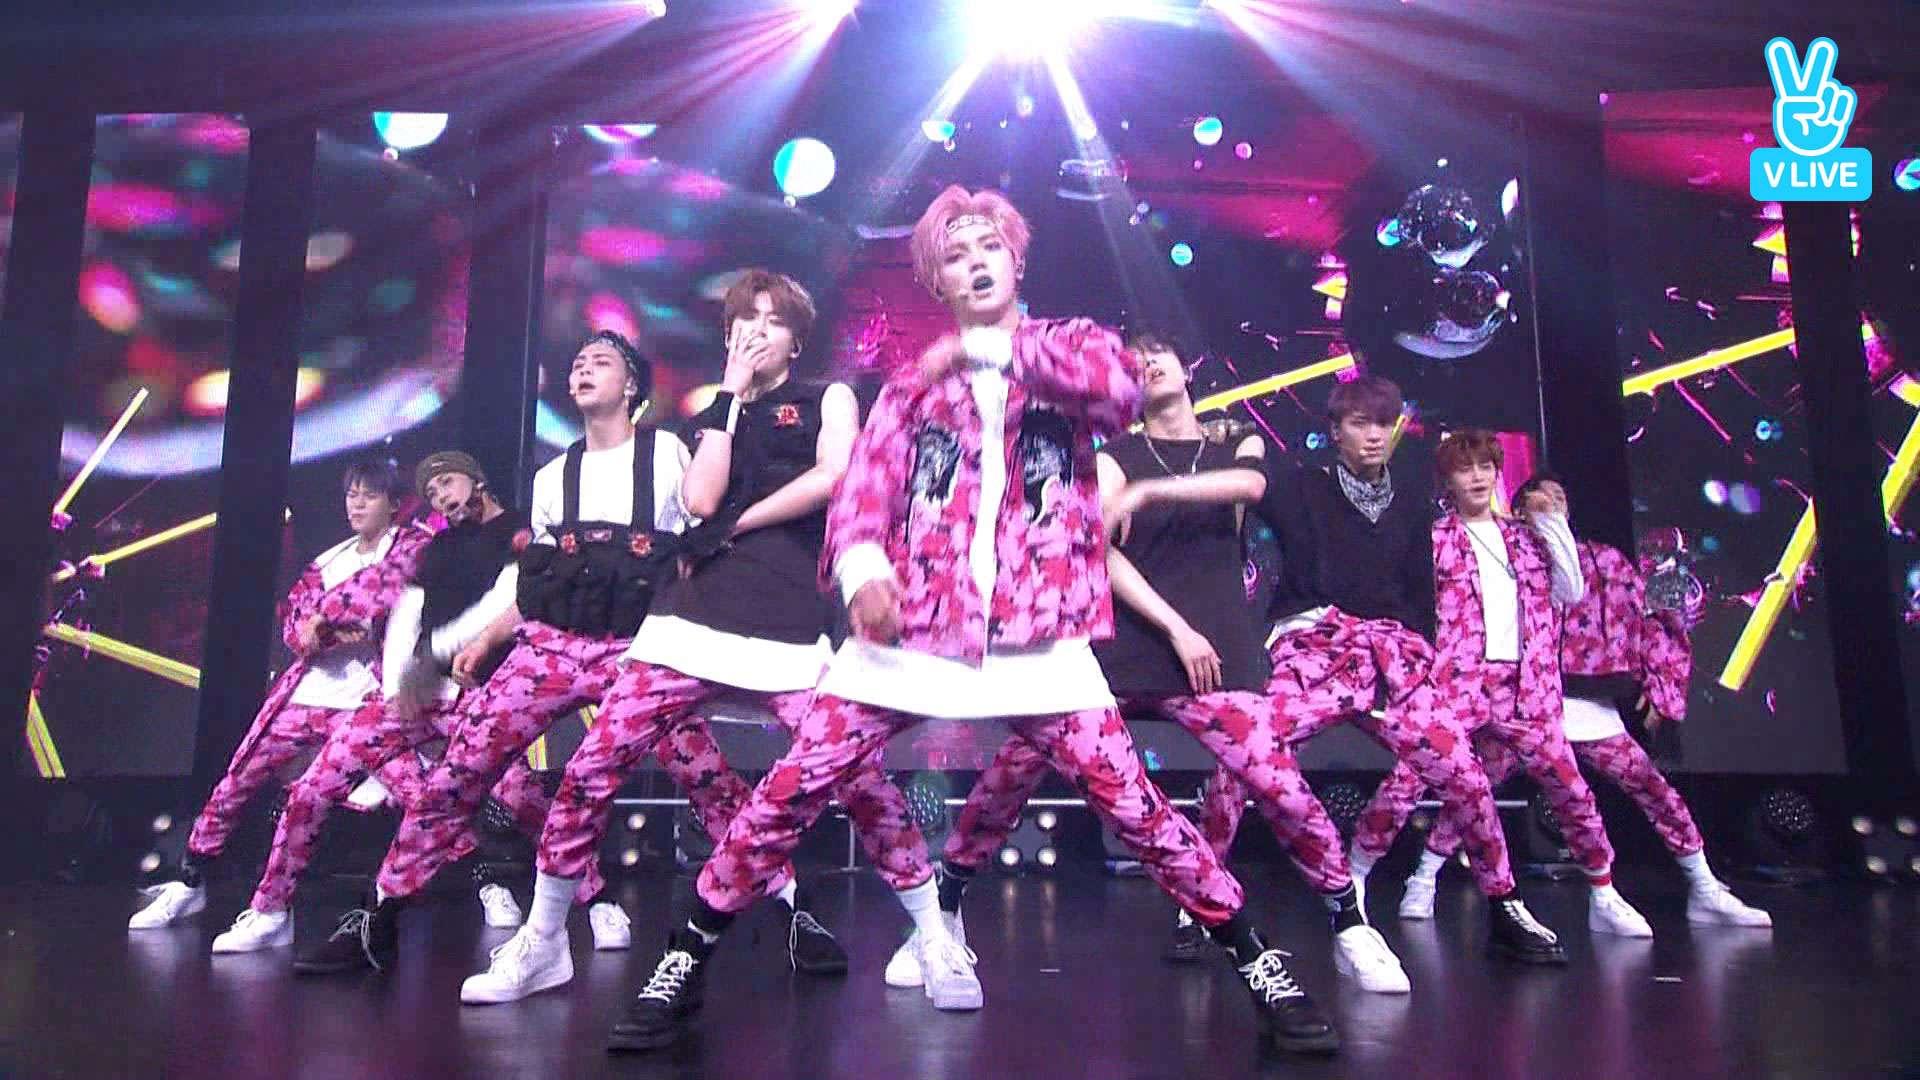 就是貌似和前幾天剛回歸的SM男團NCT127打歌服褲子同款啊!!!